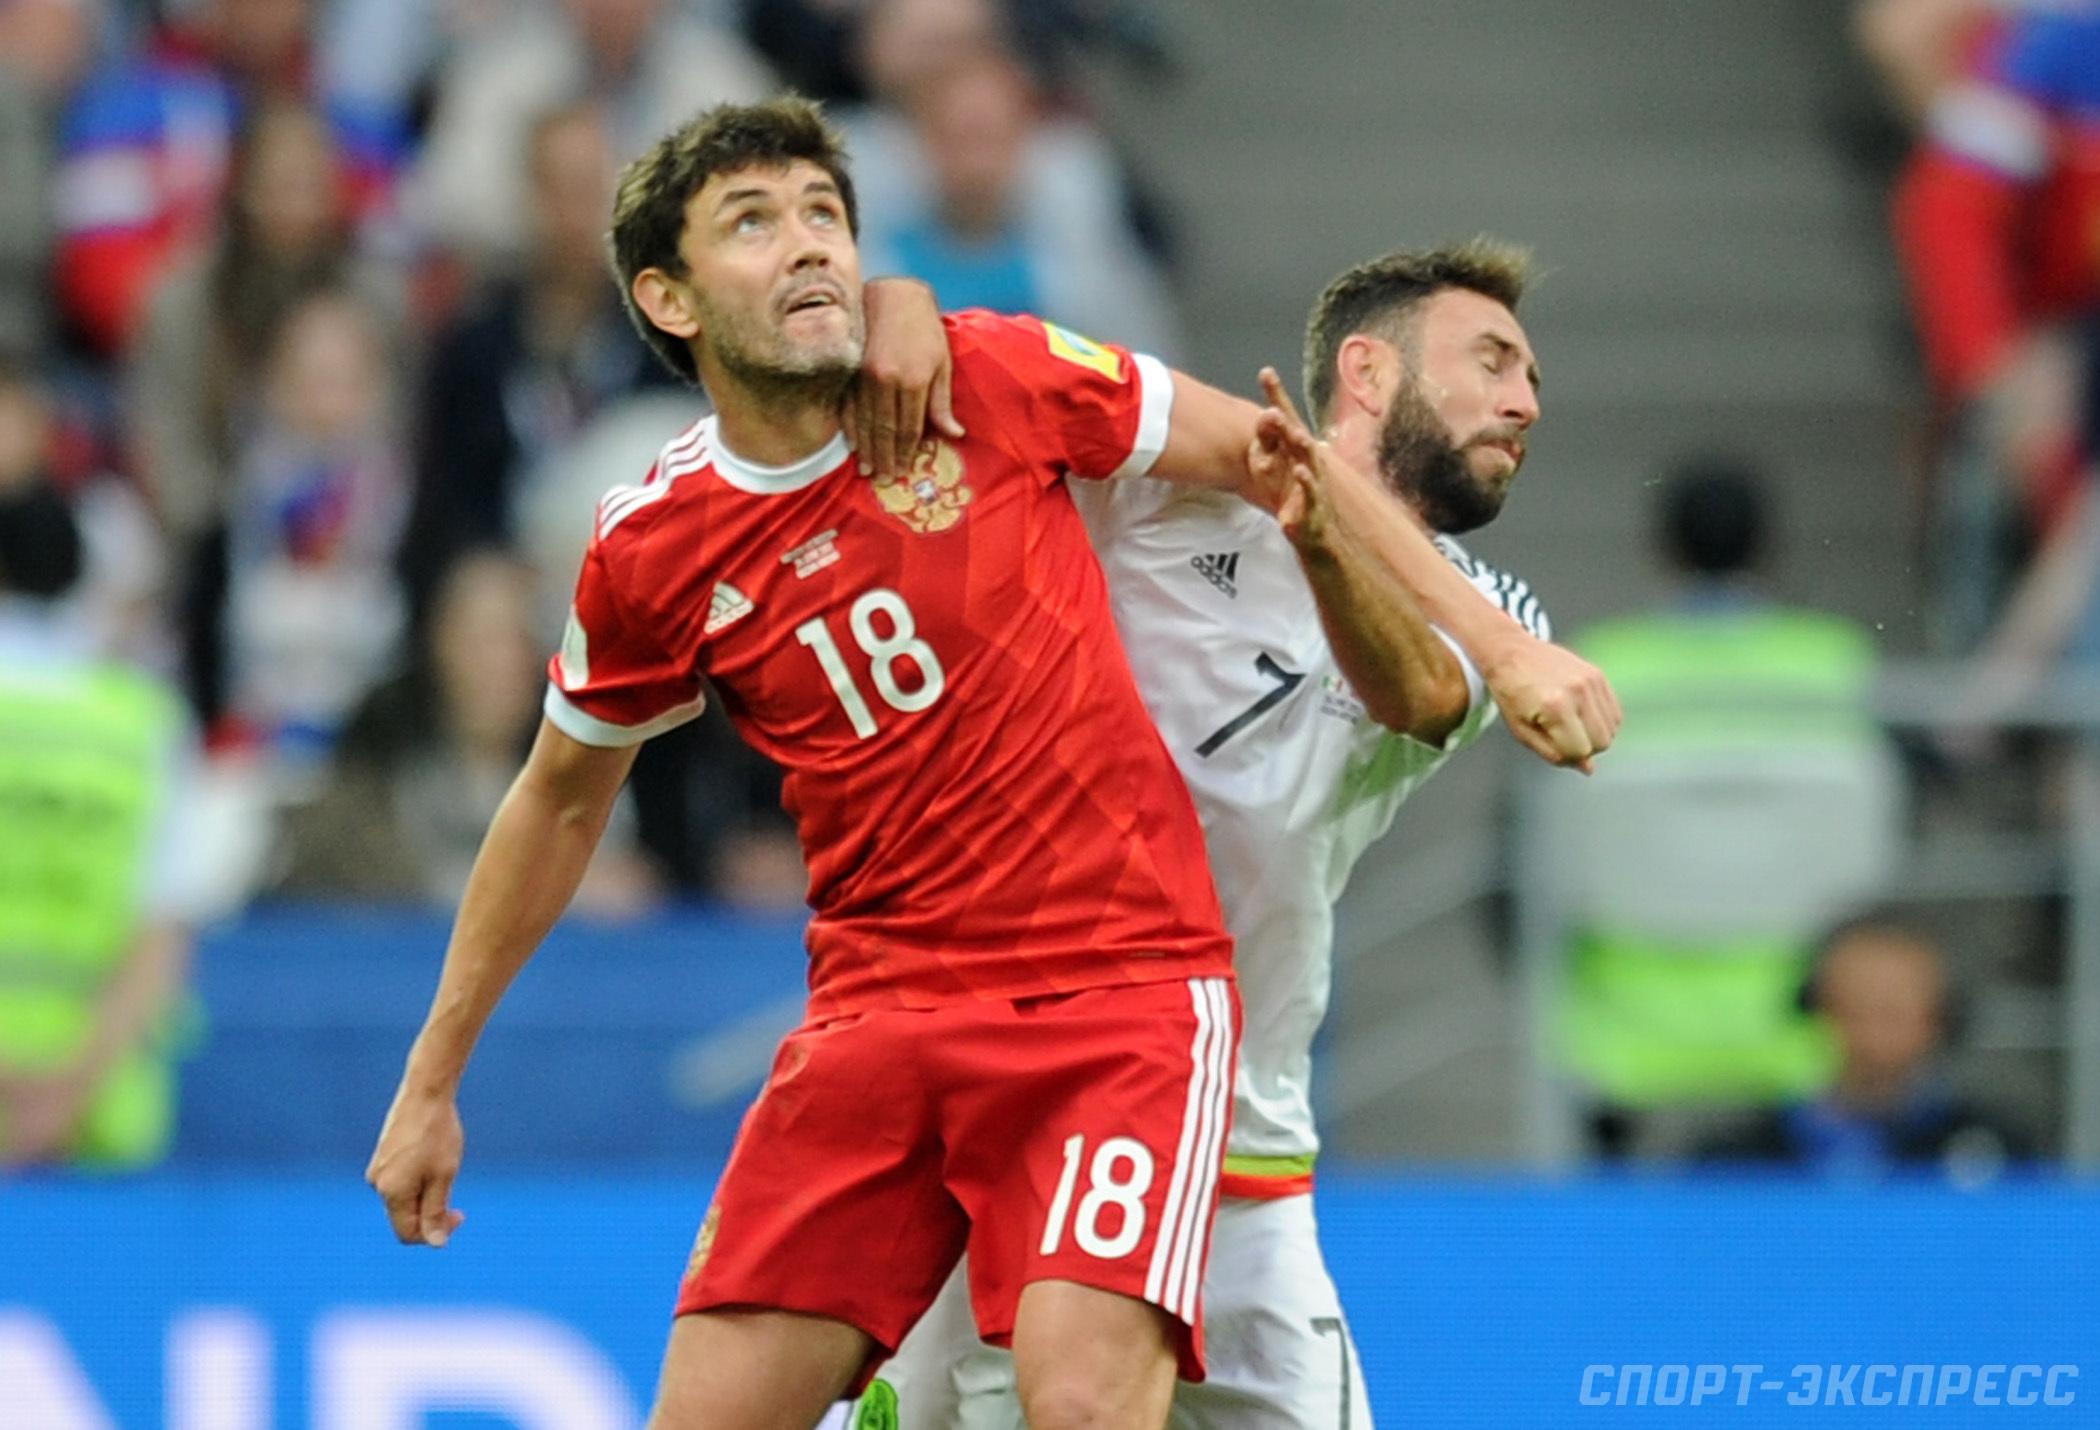 7 украинских футболистов предлагали сыграть договорняк — FIFPro